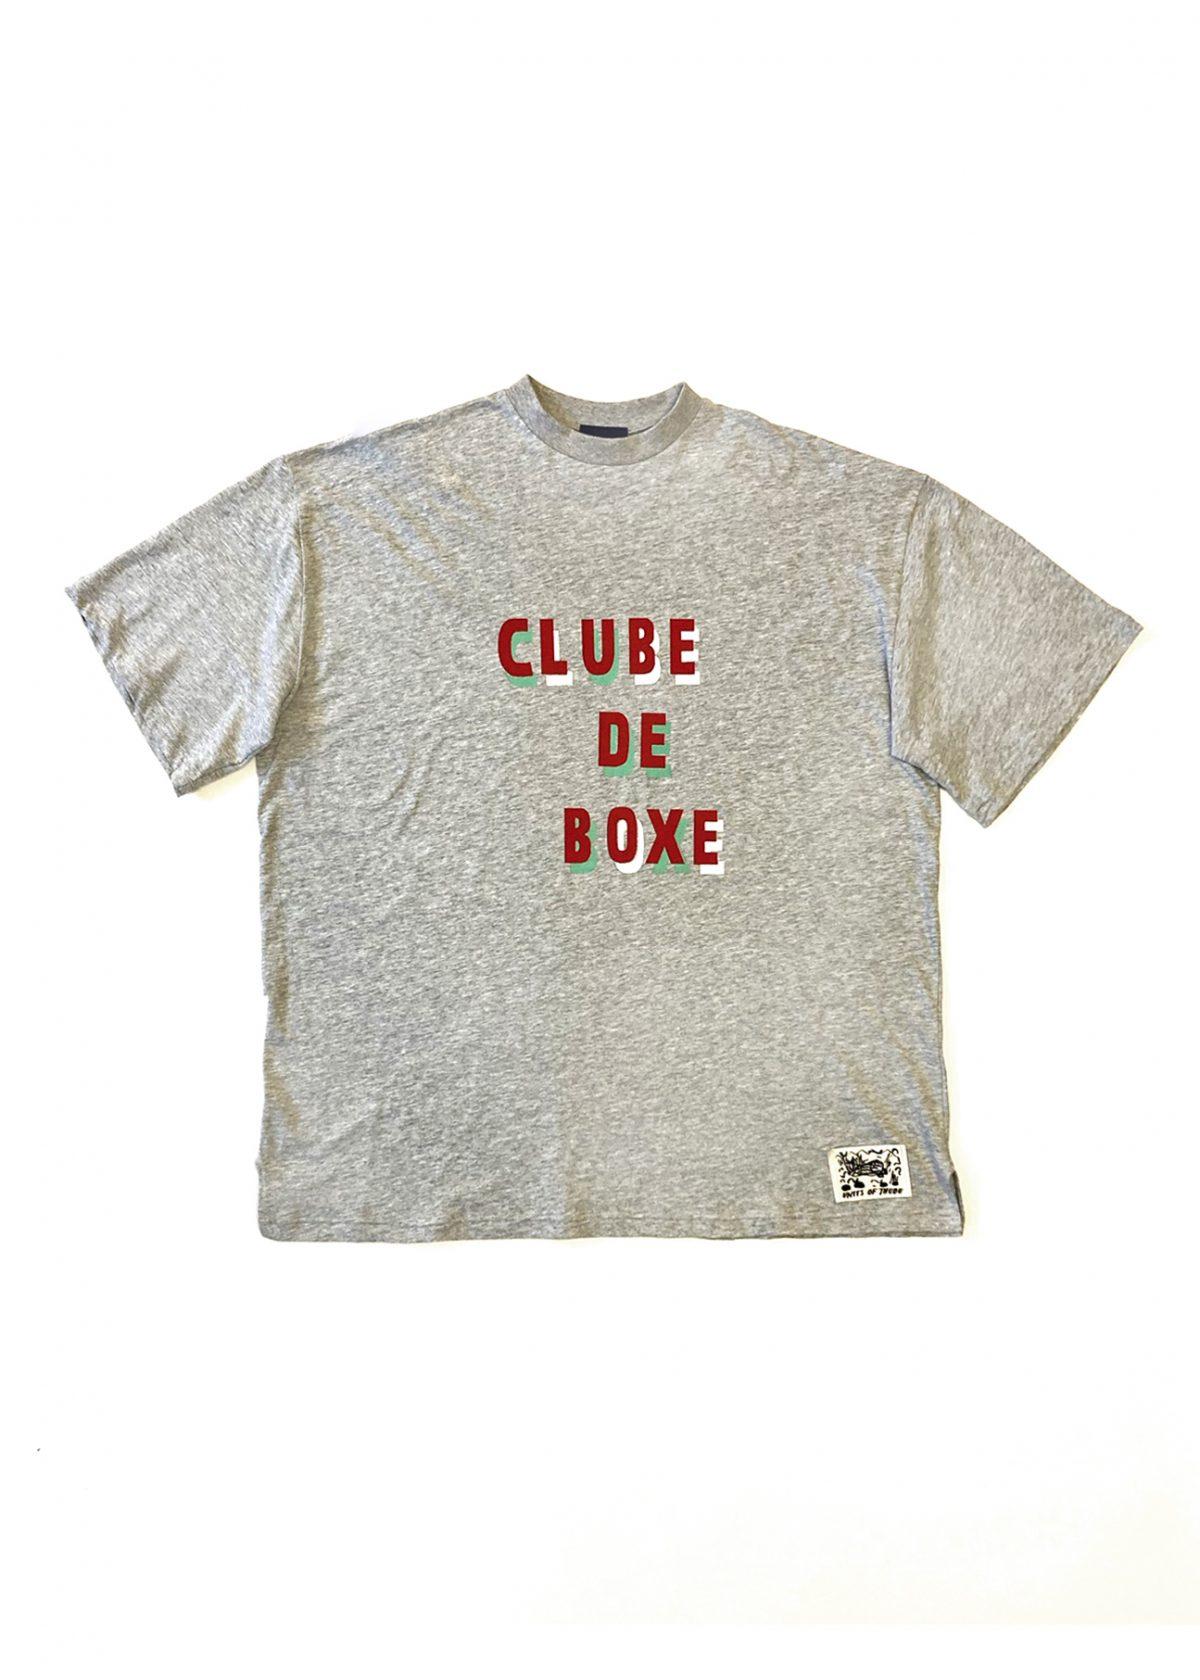 Clube de Boxe T-shirt